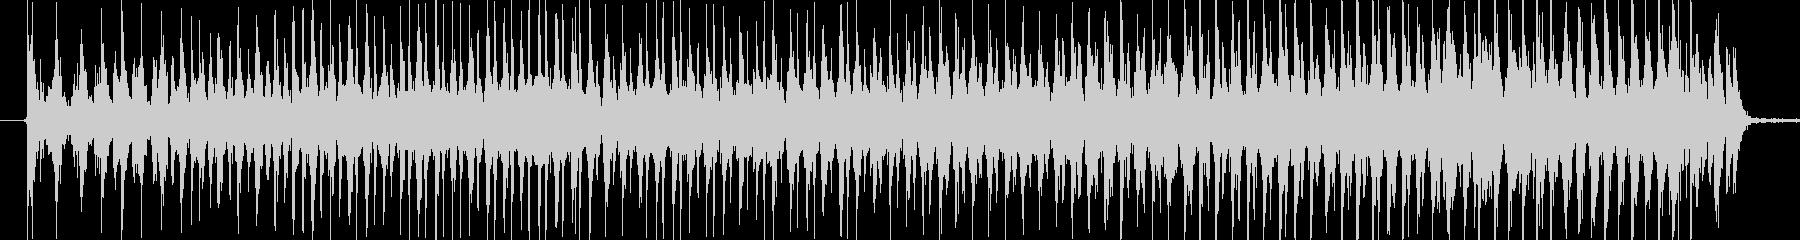 ドリルのバリバリした音です。の未再生の波形